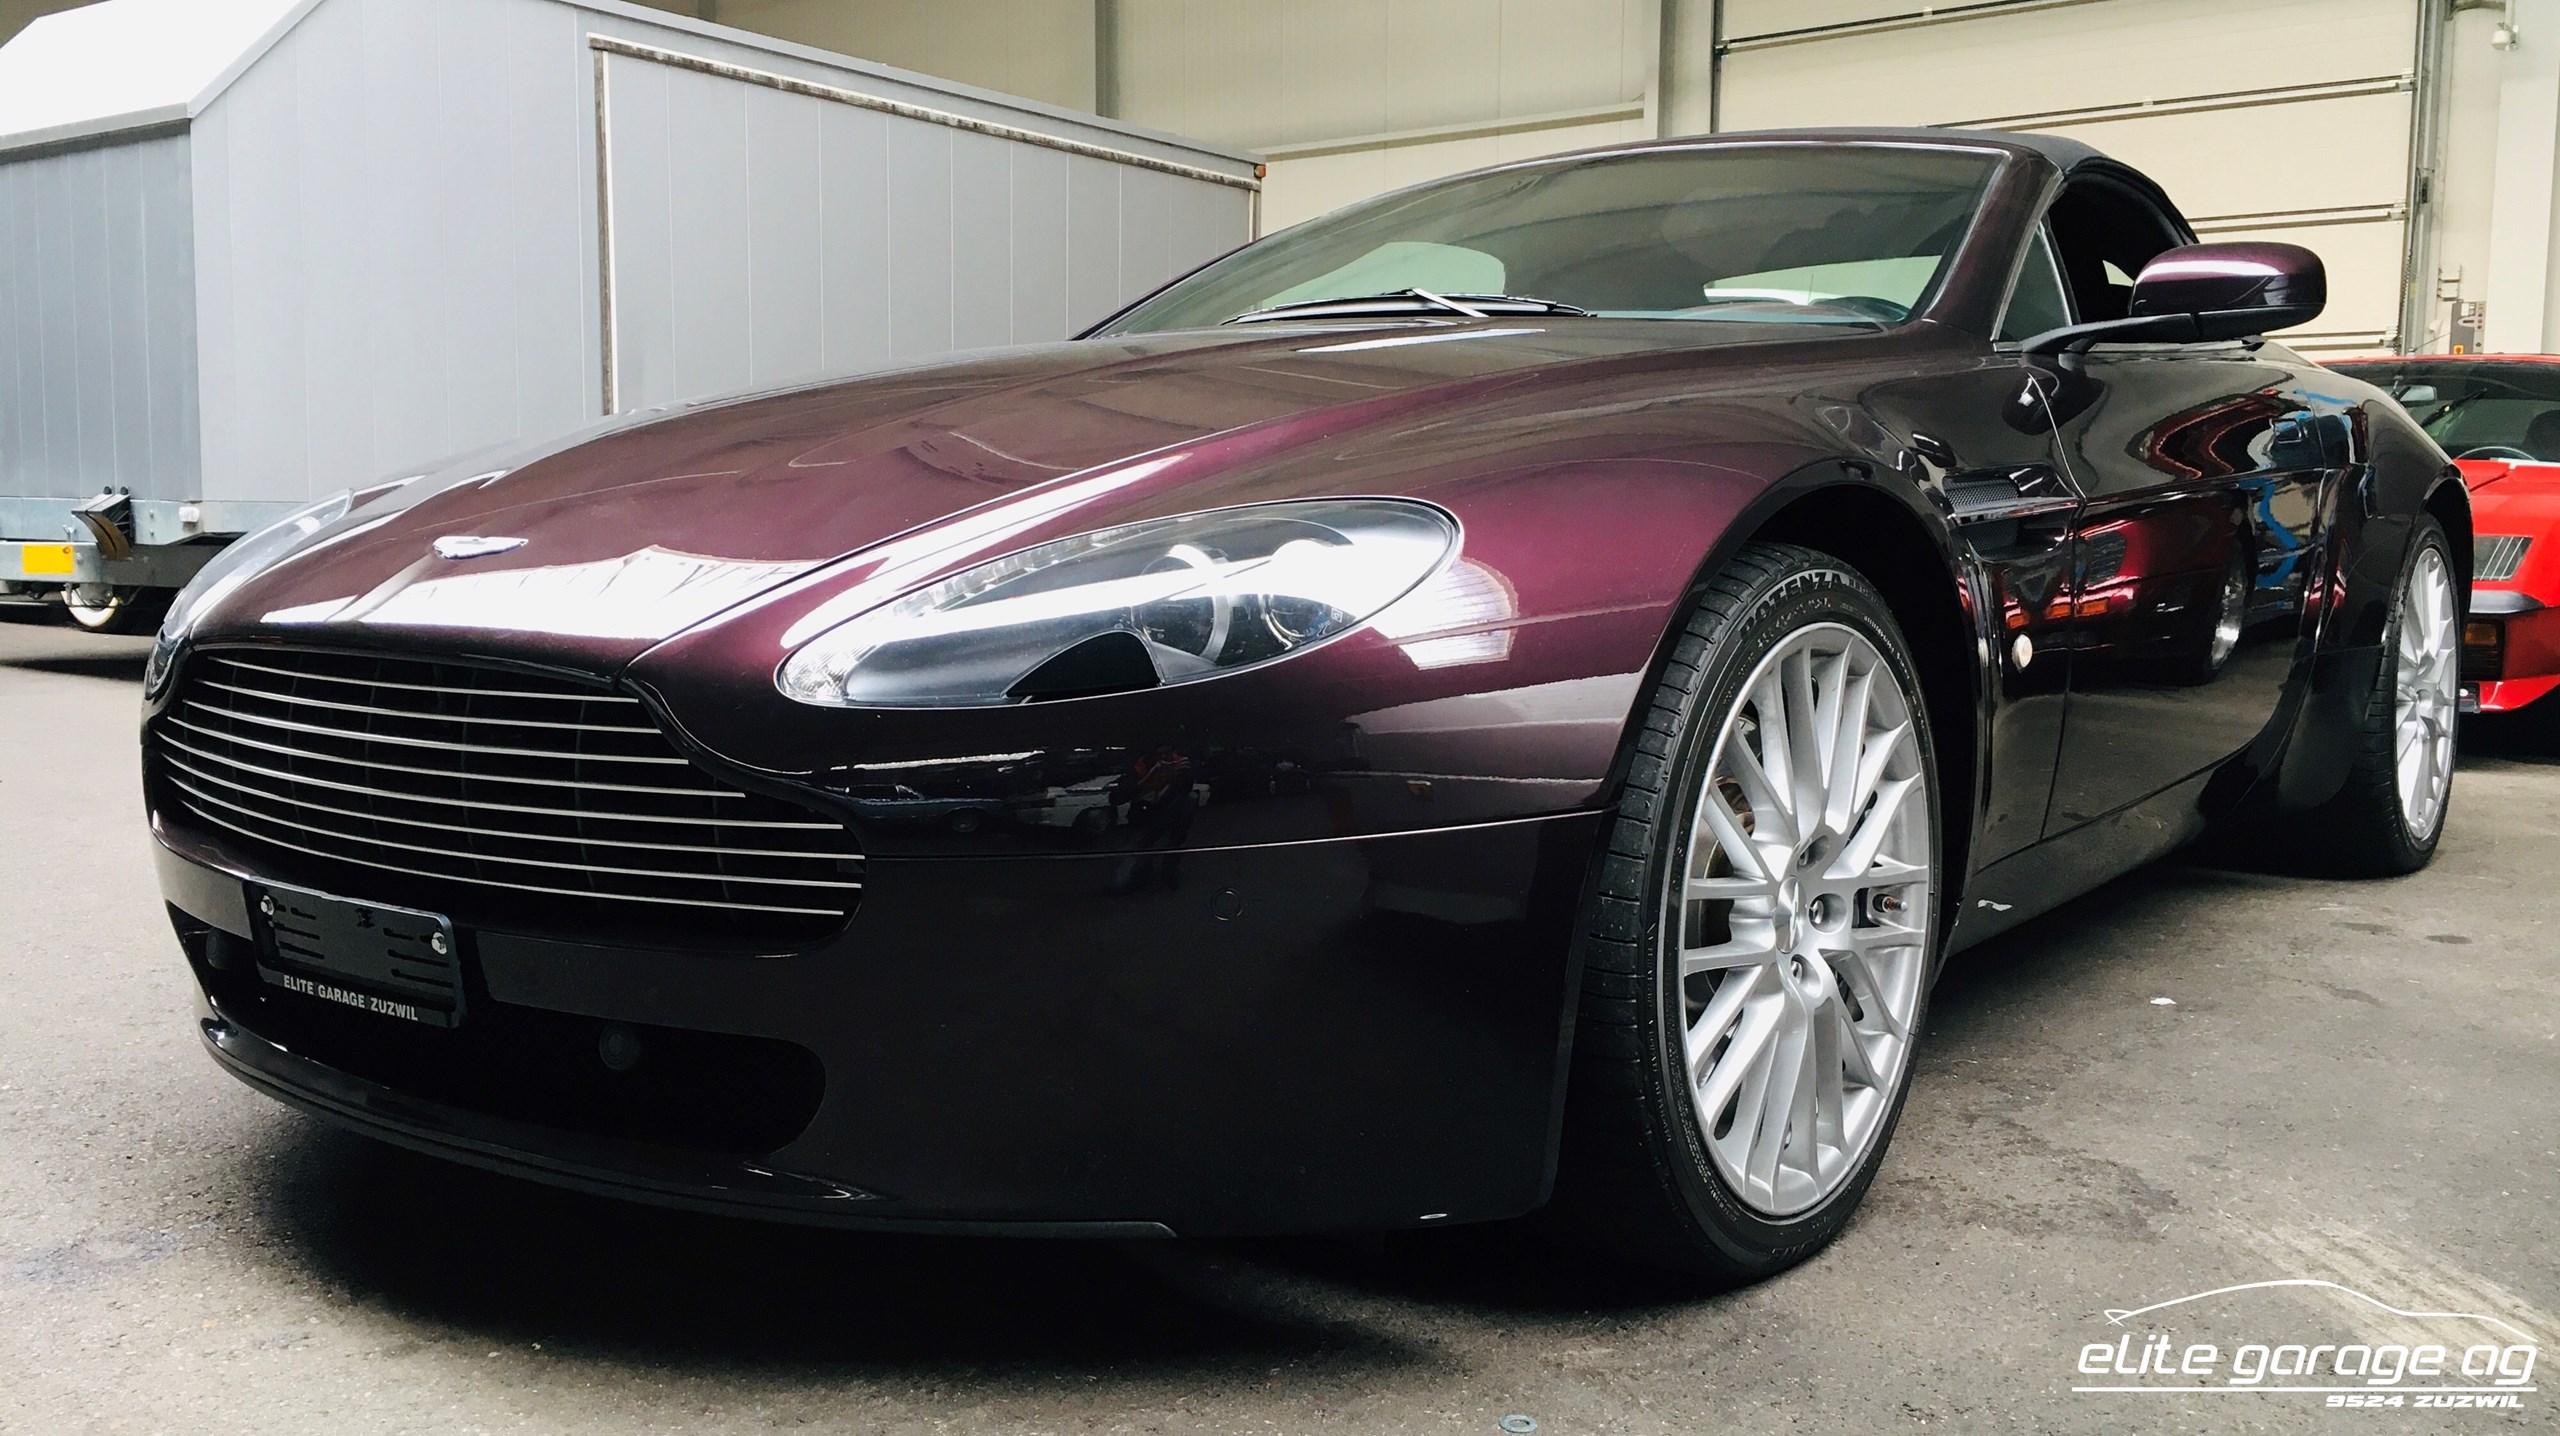 Gebraucht Cabriolet Aston Martin V8 V12 Vantage V8 Vantage R 4 7 Sportshift 78000 Km Für 59800 Chf Kaufen Auf Carforyou Ch